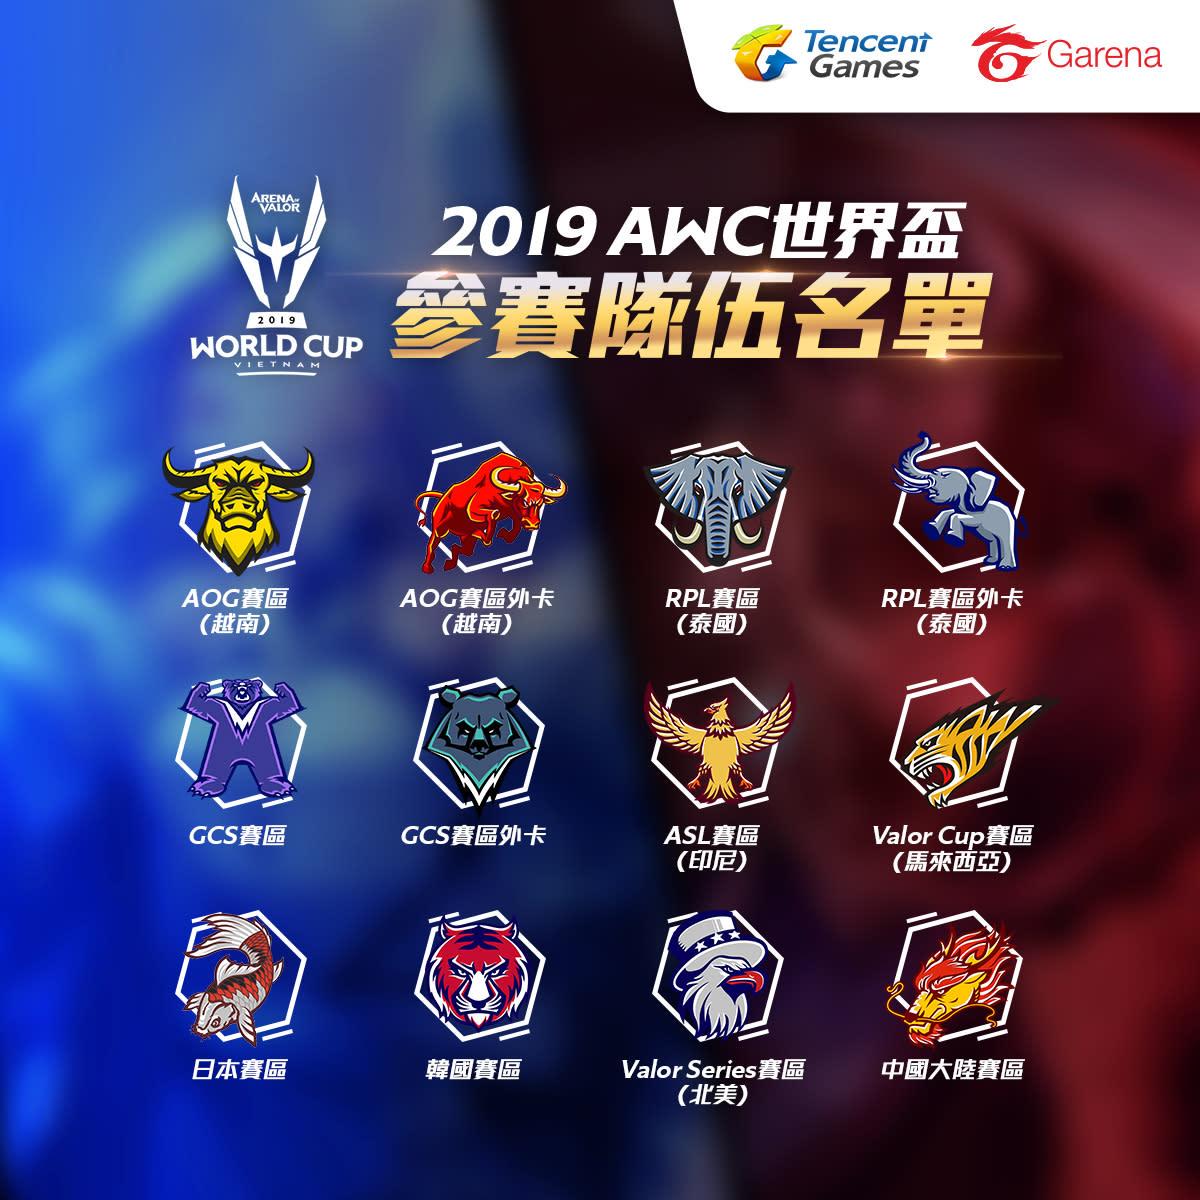 本屆AWC世界盃首次加入日本賽區。